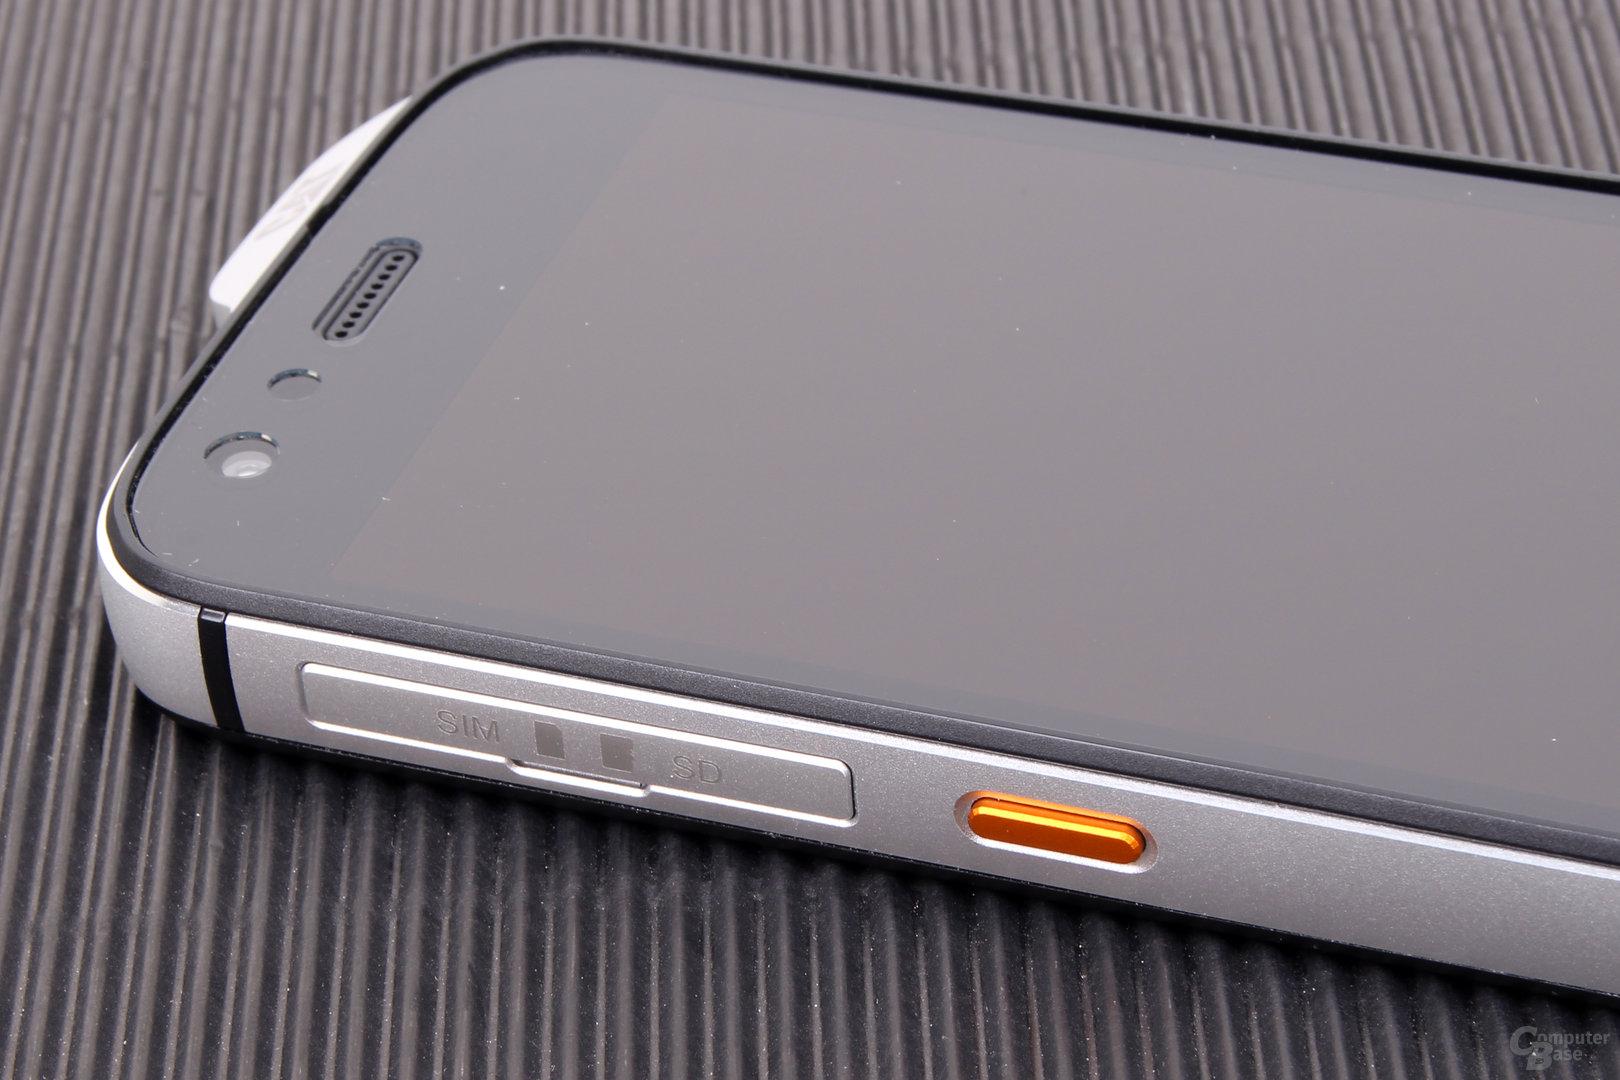 Cat S61 – Programmiere Taste und SIM- und microSD-Karte